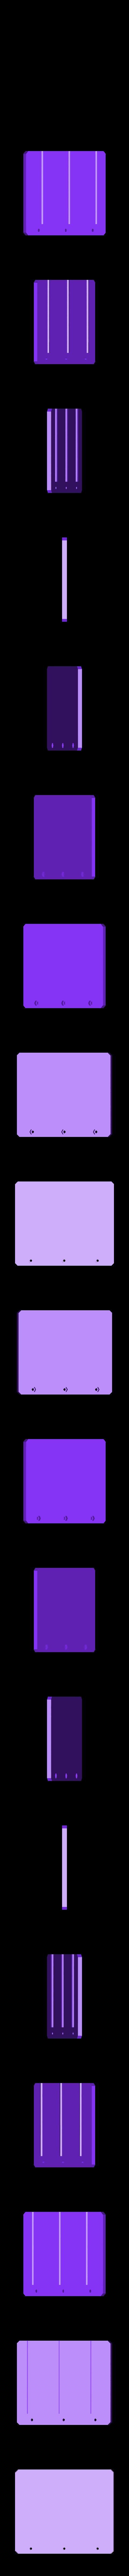 PCB_Prowadnica.stl Télécharger fichier STL gratuit Porte-cartes • Plan pour imprimante 3D, kpawel